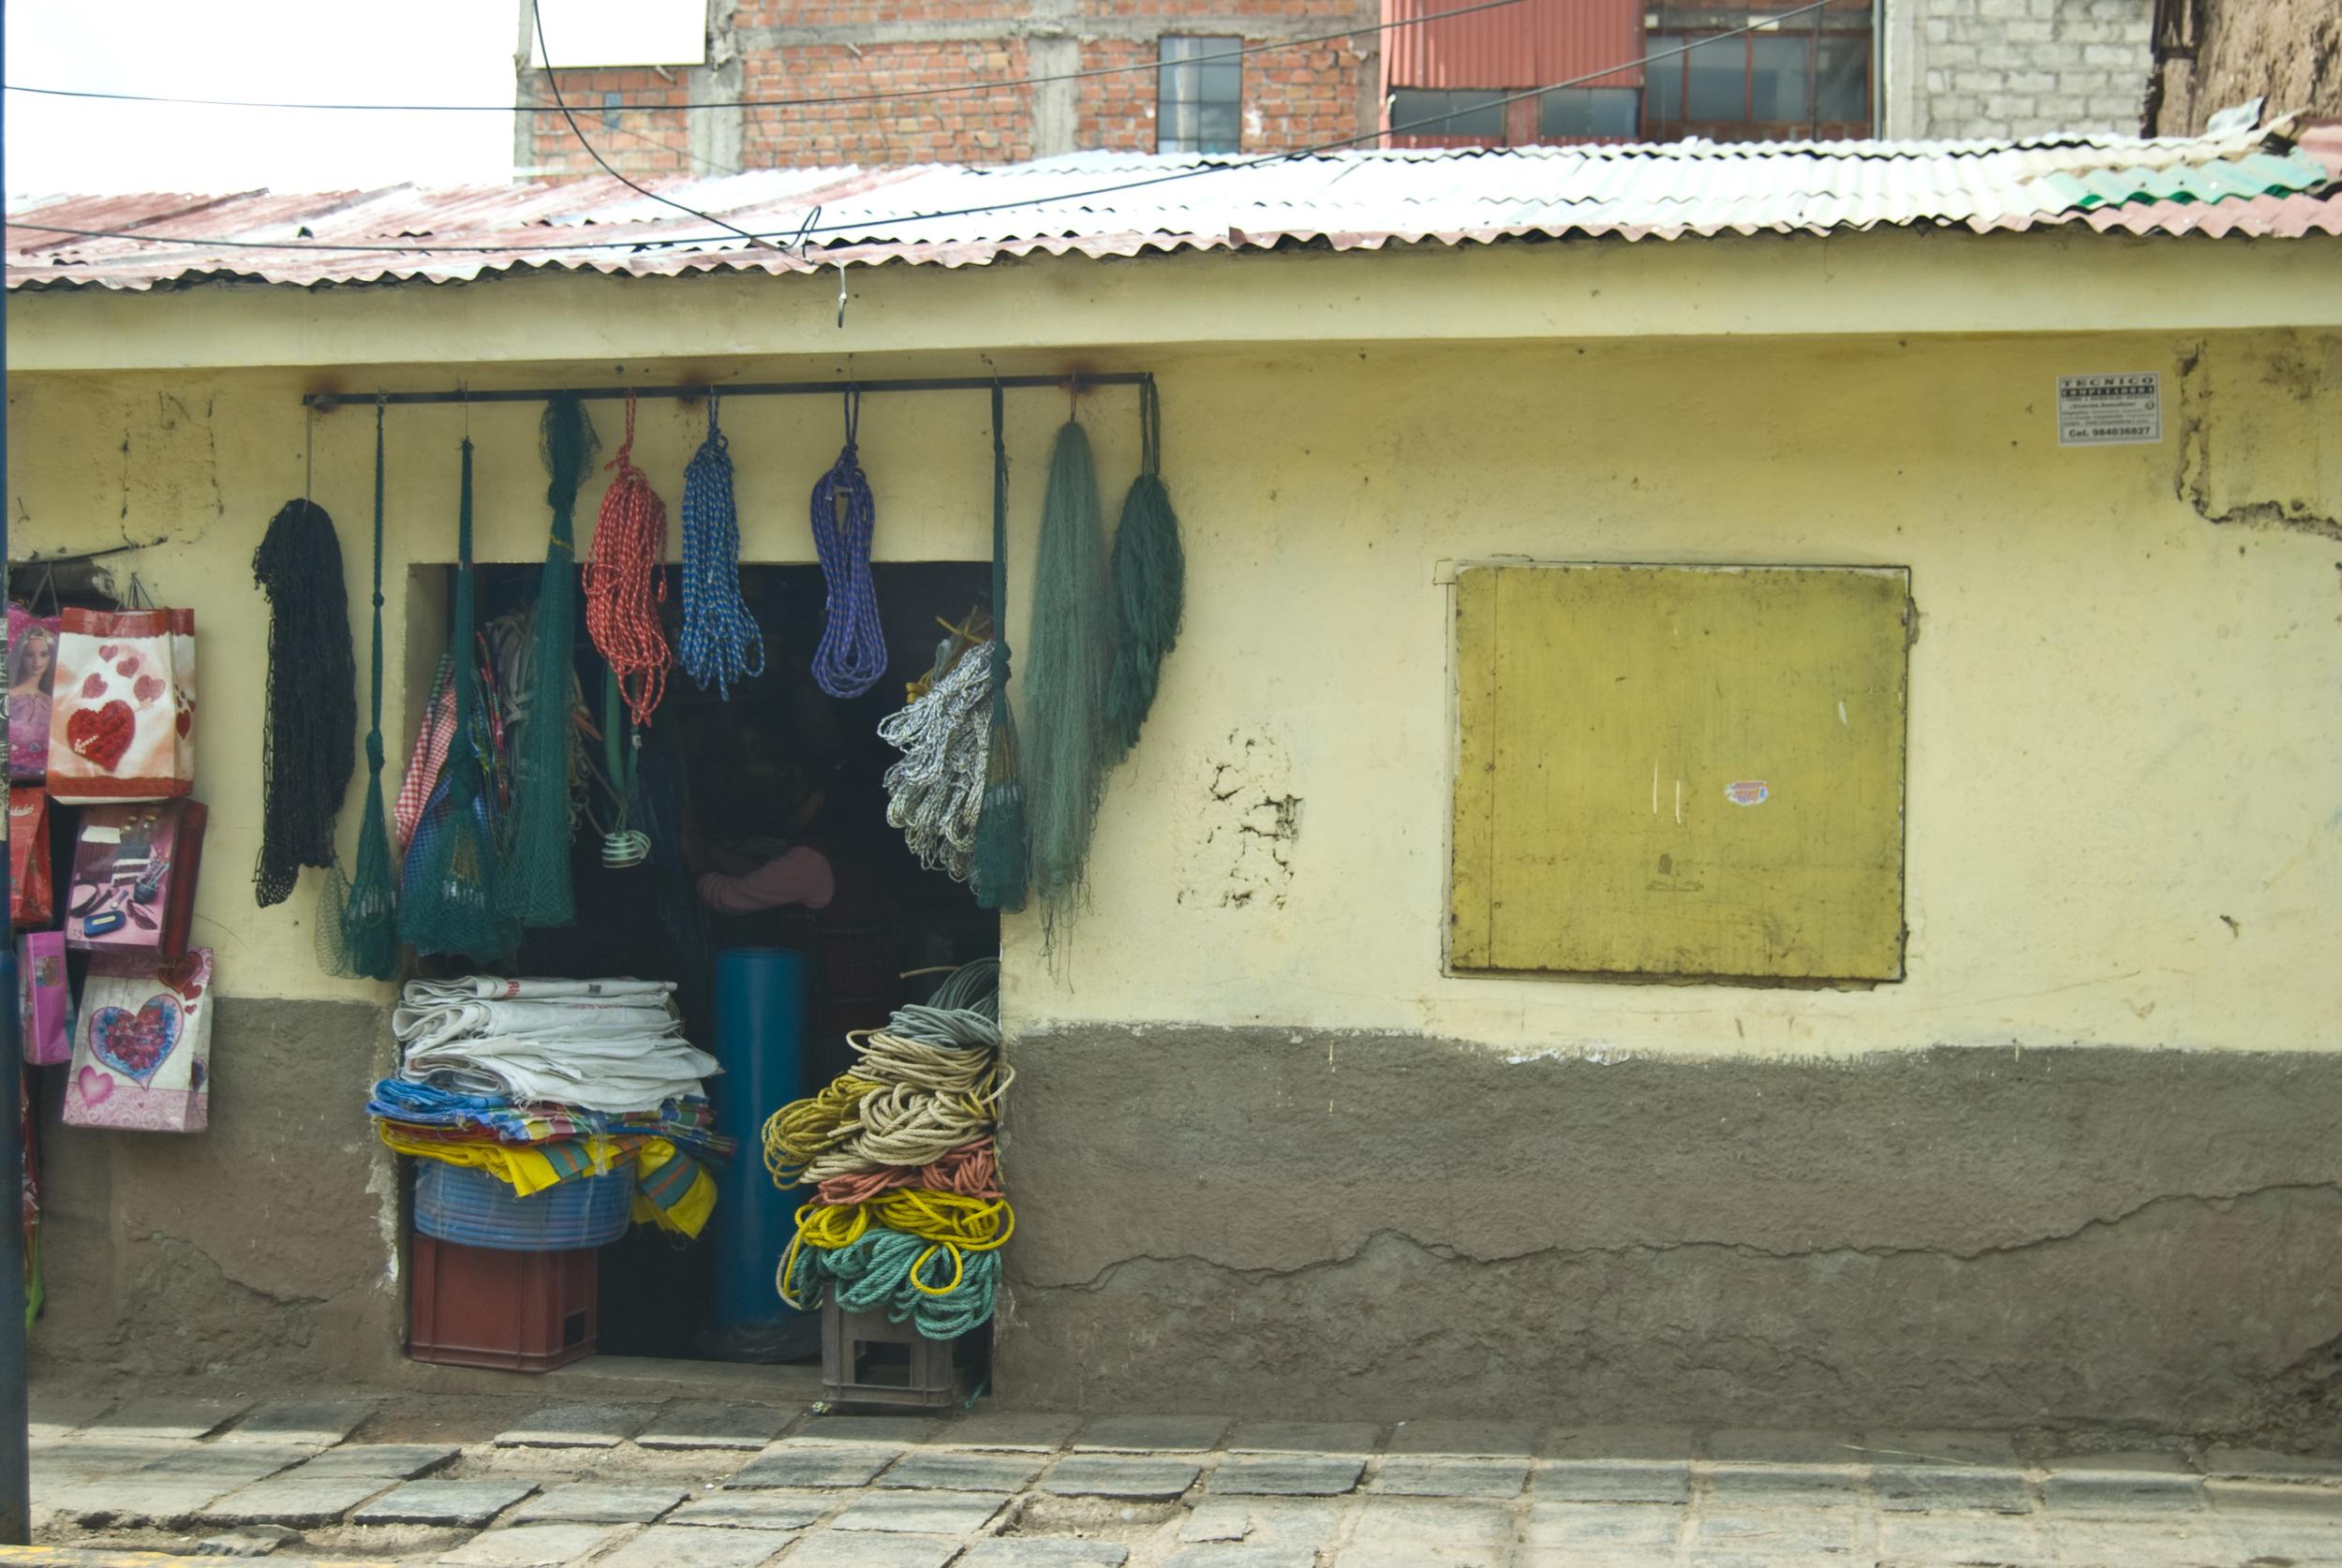 cusco_4119523237_o.jpg